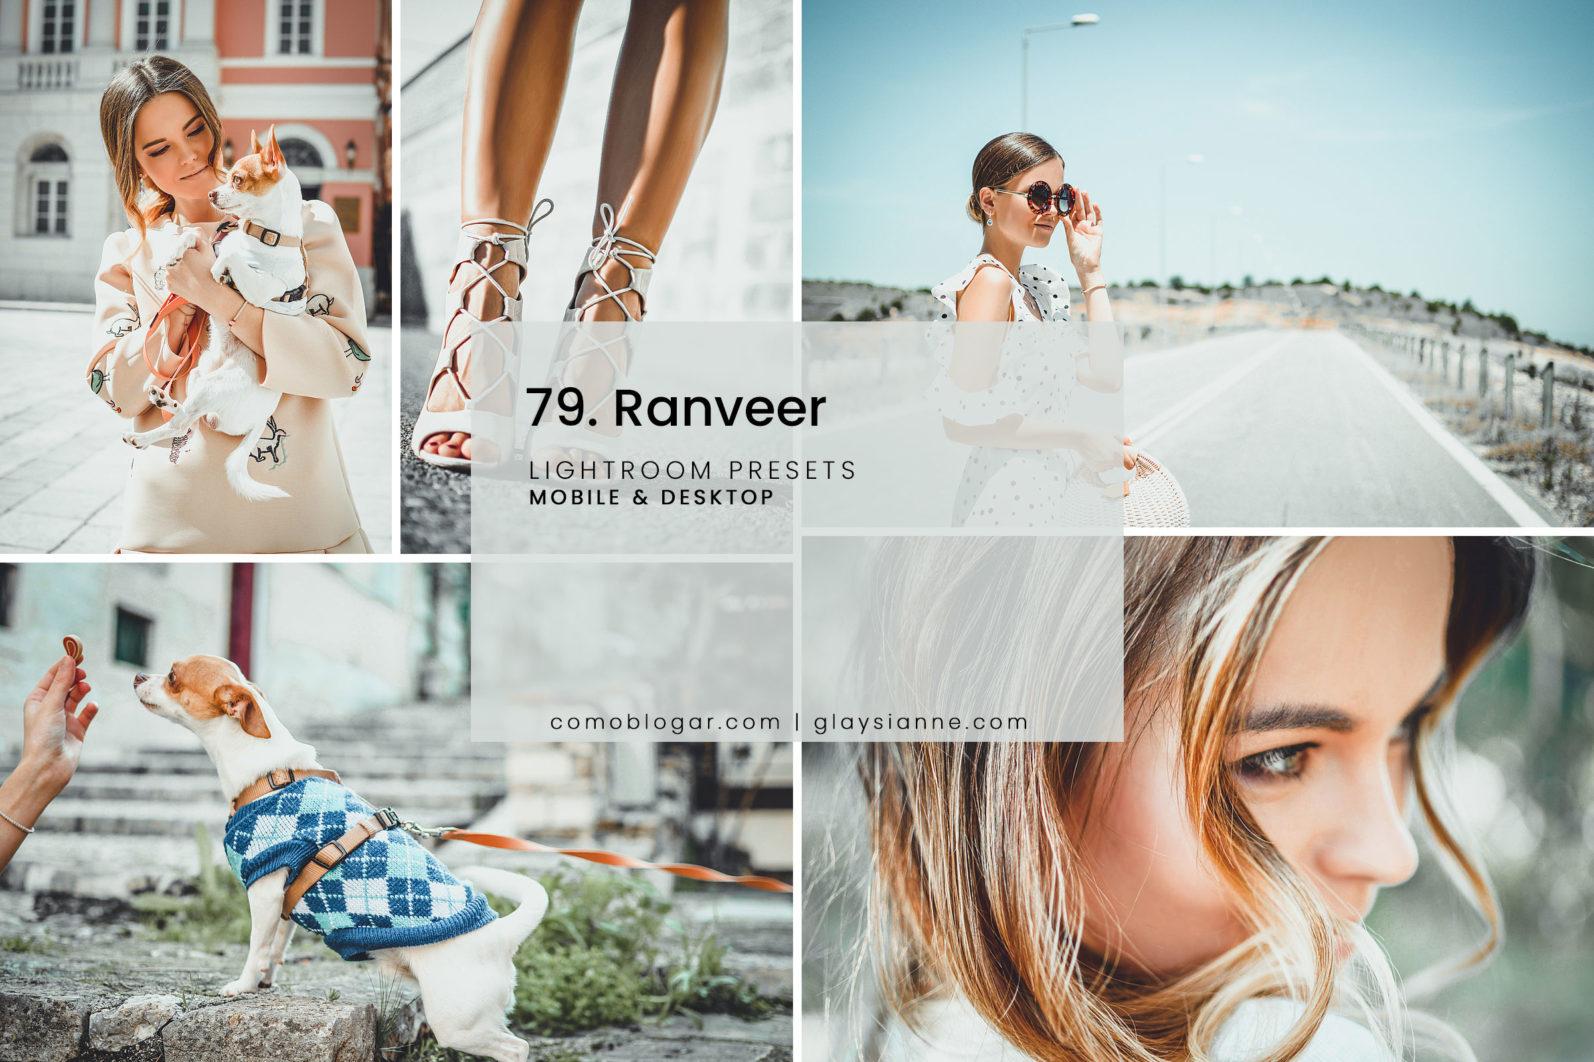 79. Ranveer Presets - 79.Ranveer 01 -